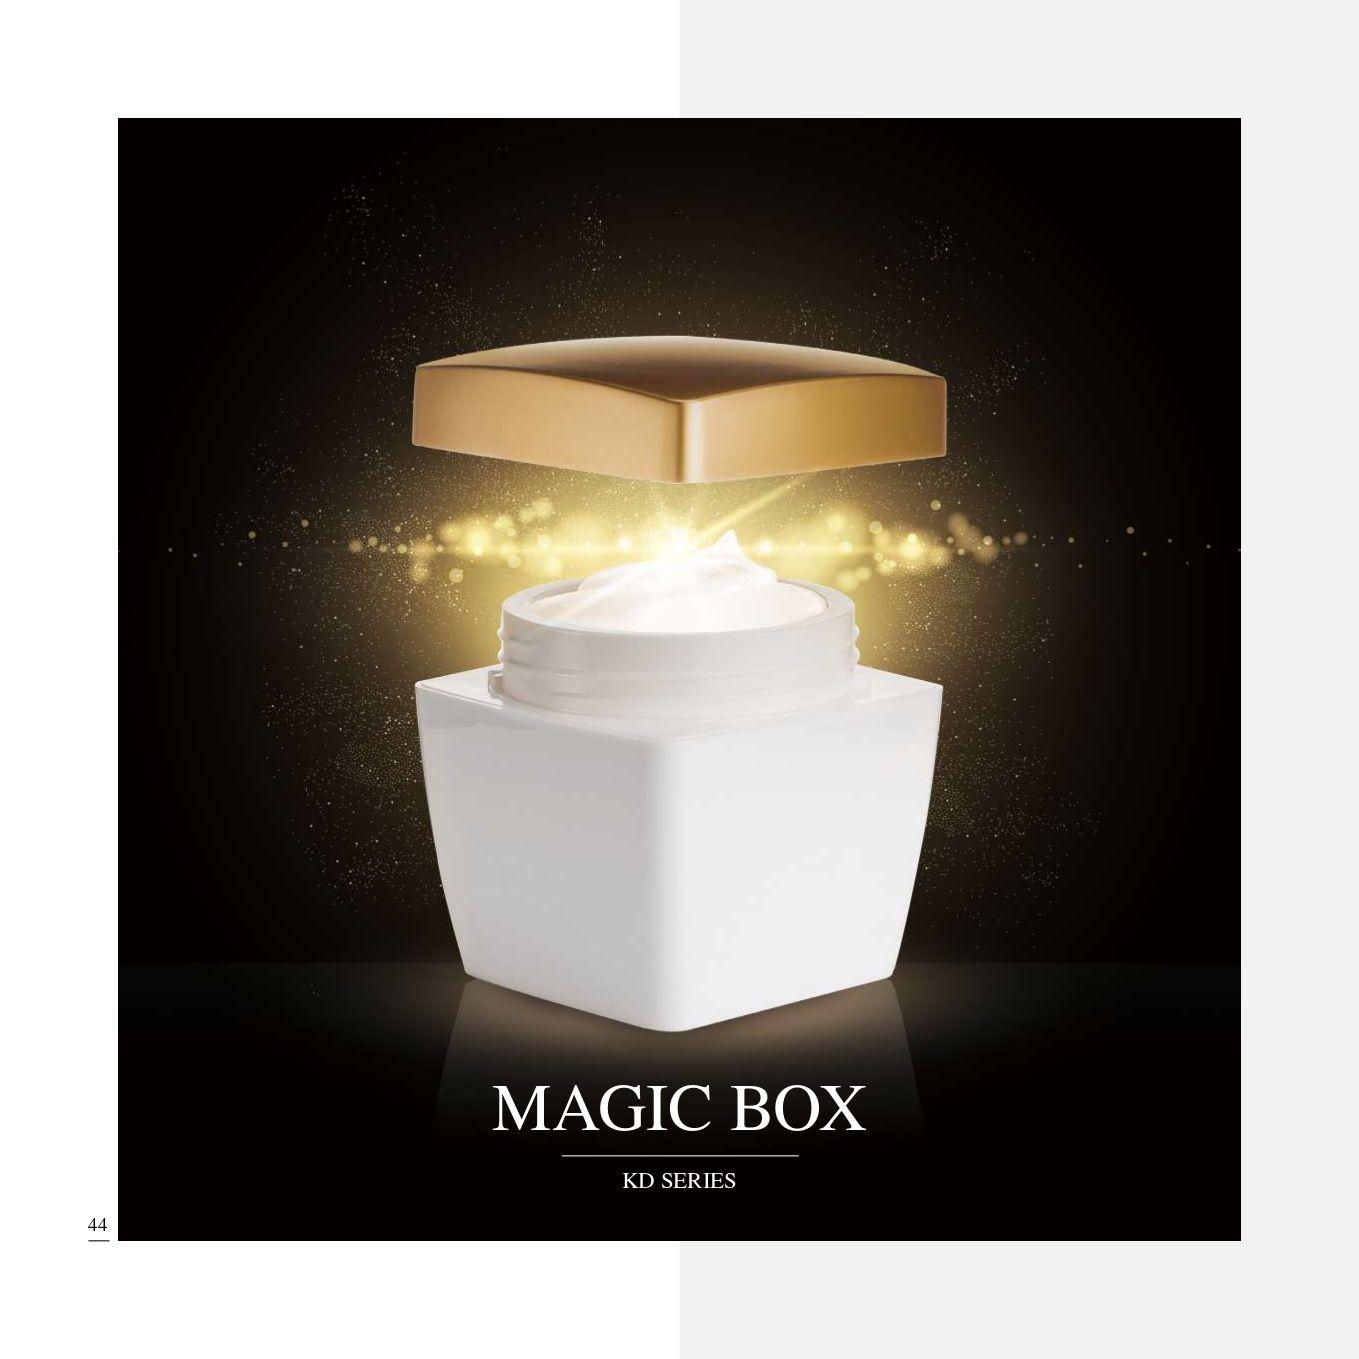 عبوات مستحضرات التجميل والعناية بالبشرة مربعة الشكل من الأكريليك - سلسلة ماجيك بوكس - مجموعة تغليف مستحضرات التجميل الأكريليك الفاخرة - الصندوق السحري